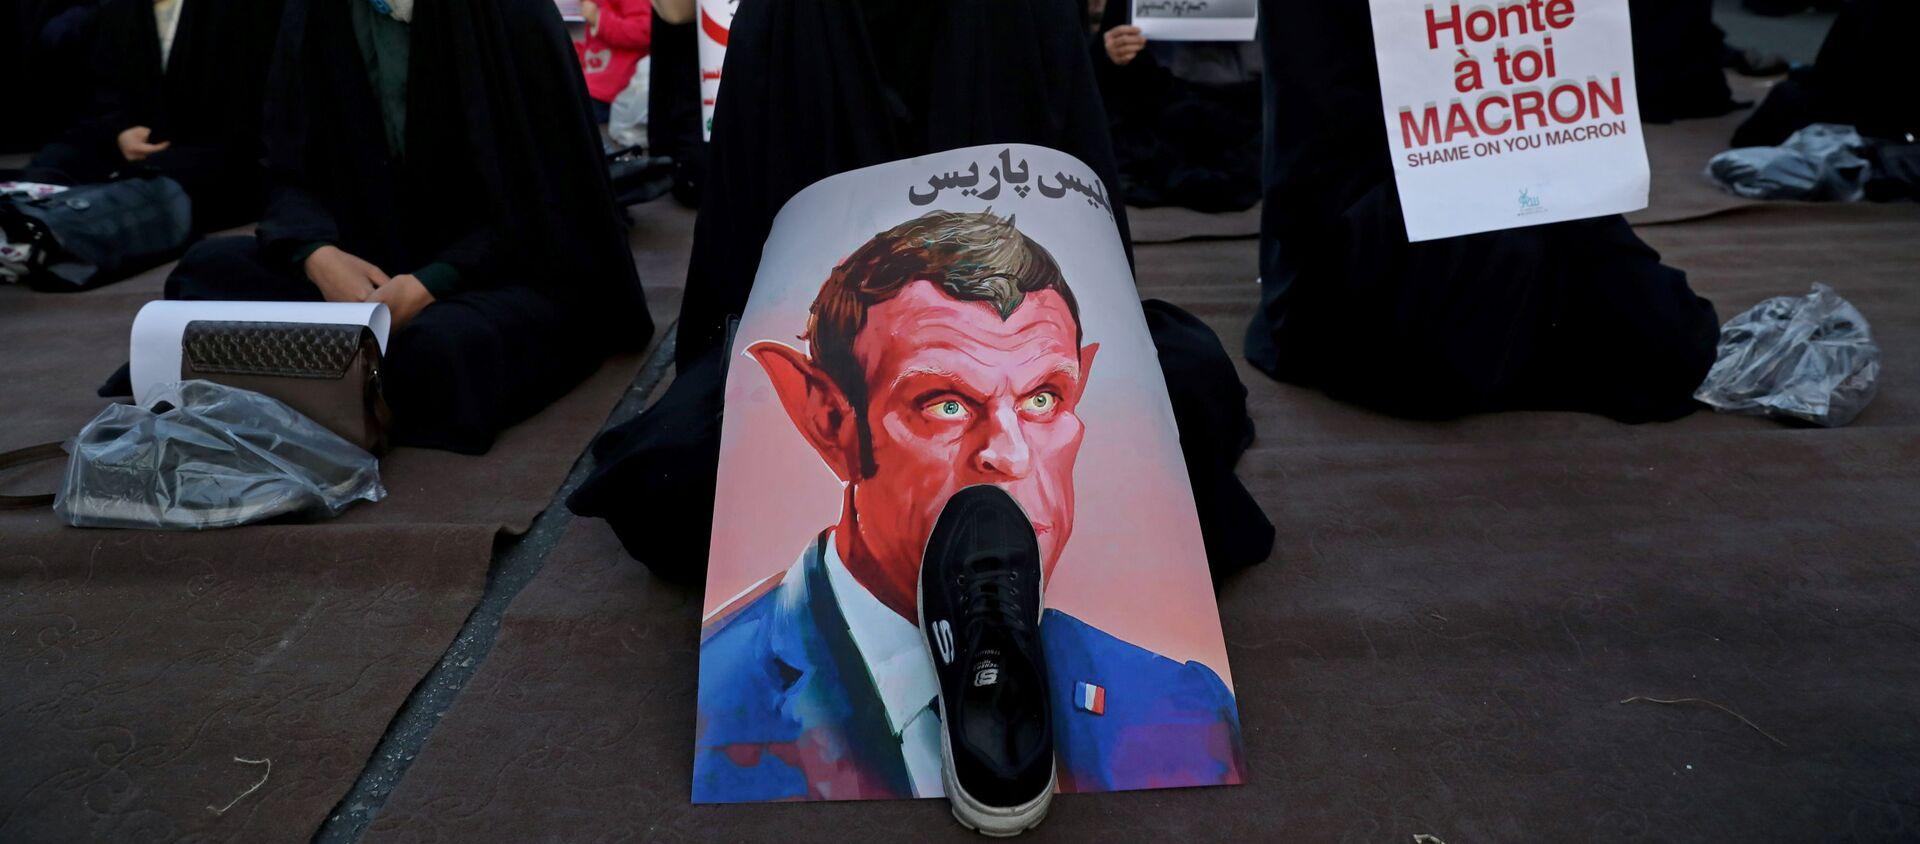 Musulmanos protestan contra el presidente de Francia, Emmanuel Macron - Sputnik Mundo, 1920, 28.10.2020